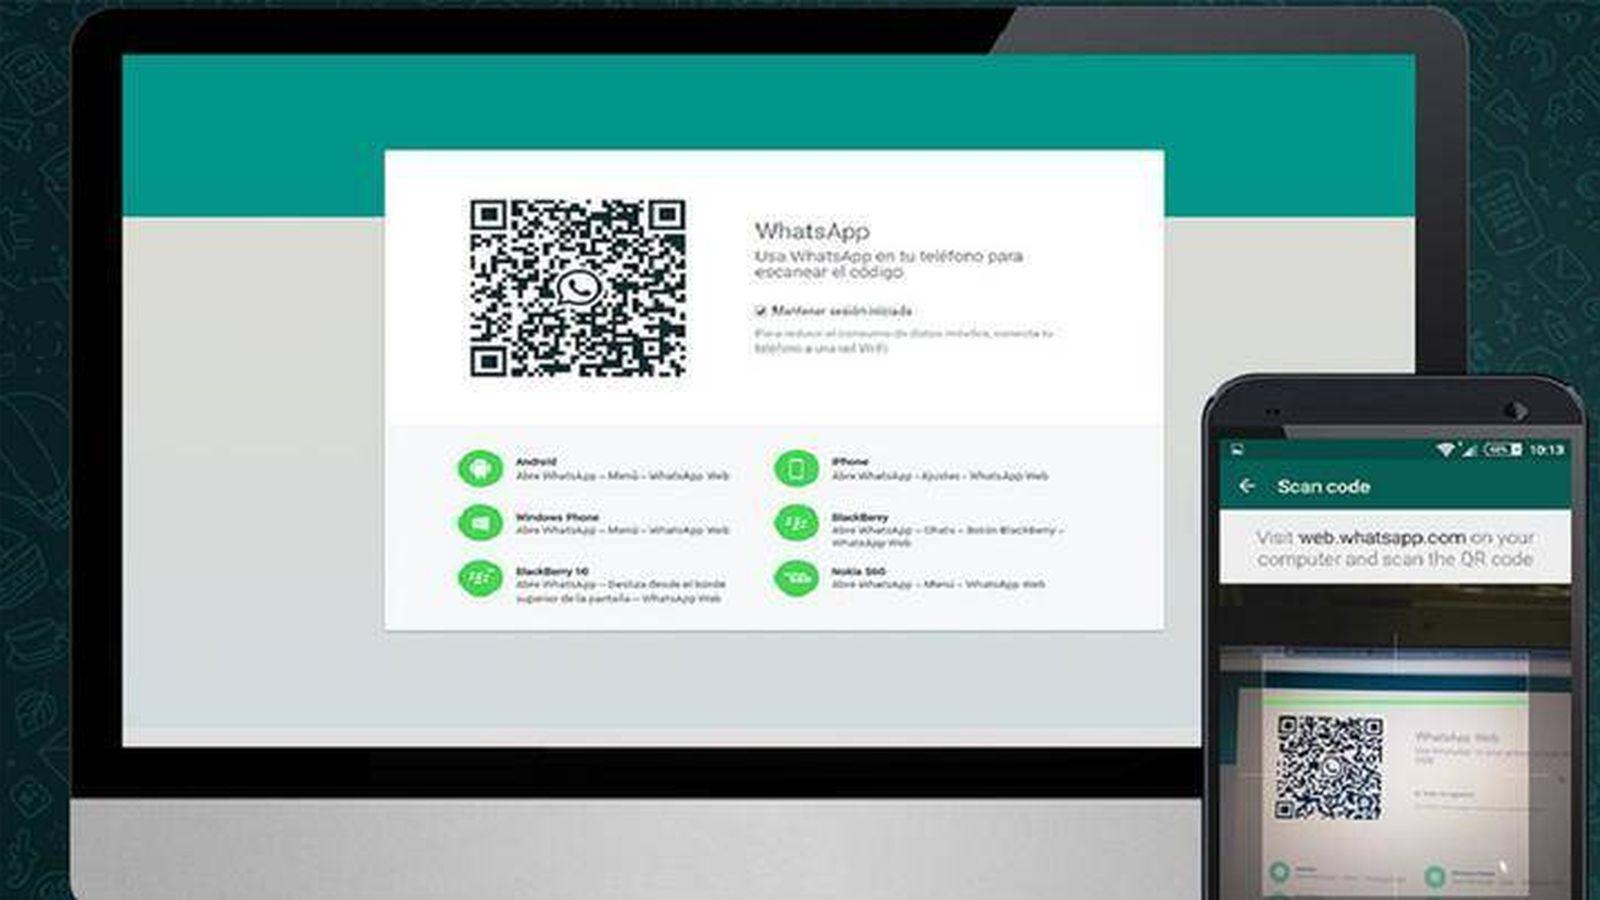 Whatsapp Cinco Funciones Escondidas De Whatsapp Web Que Te